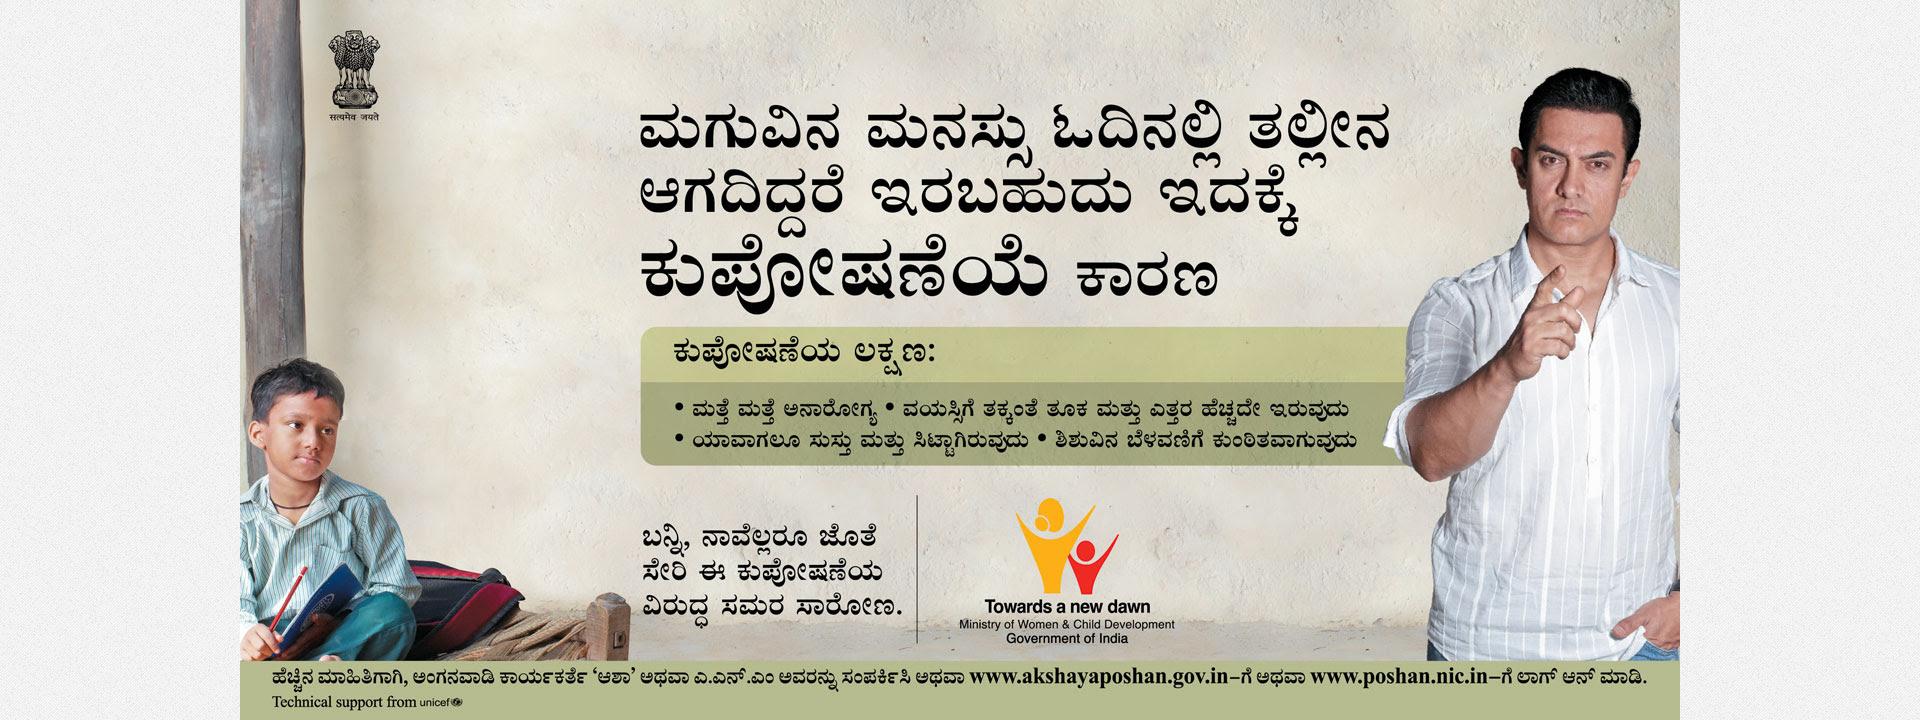 Kannada À²•à²¨ À²¨à²¡ À²² À²ª Poshan Nutrition Food Poverty Malnutrition Undernourishment Obesity Overweight Iap Healthphone Nutrition Education Programme For Mothers And Children